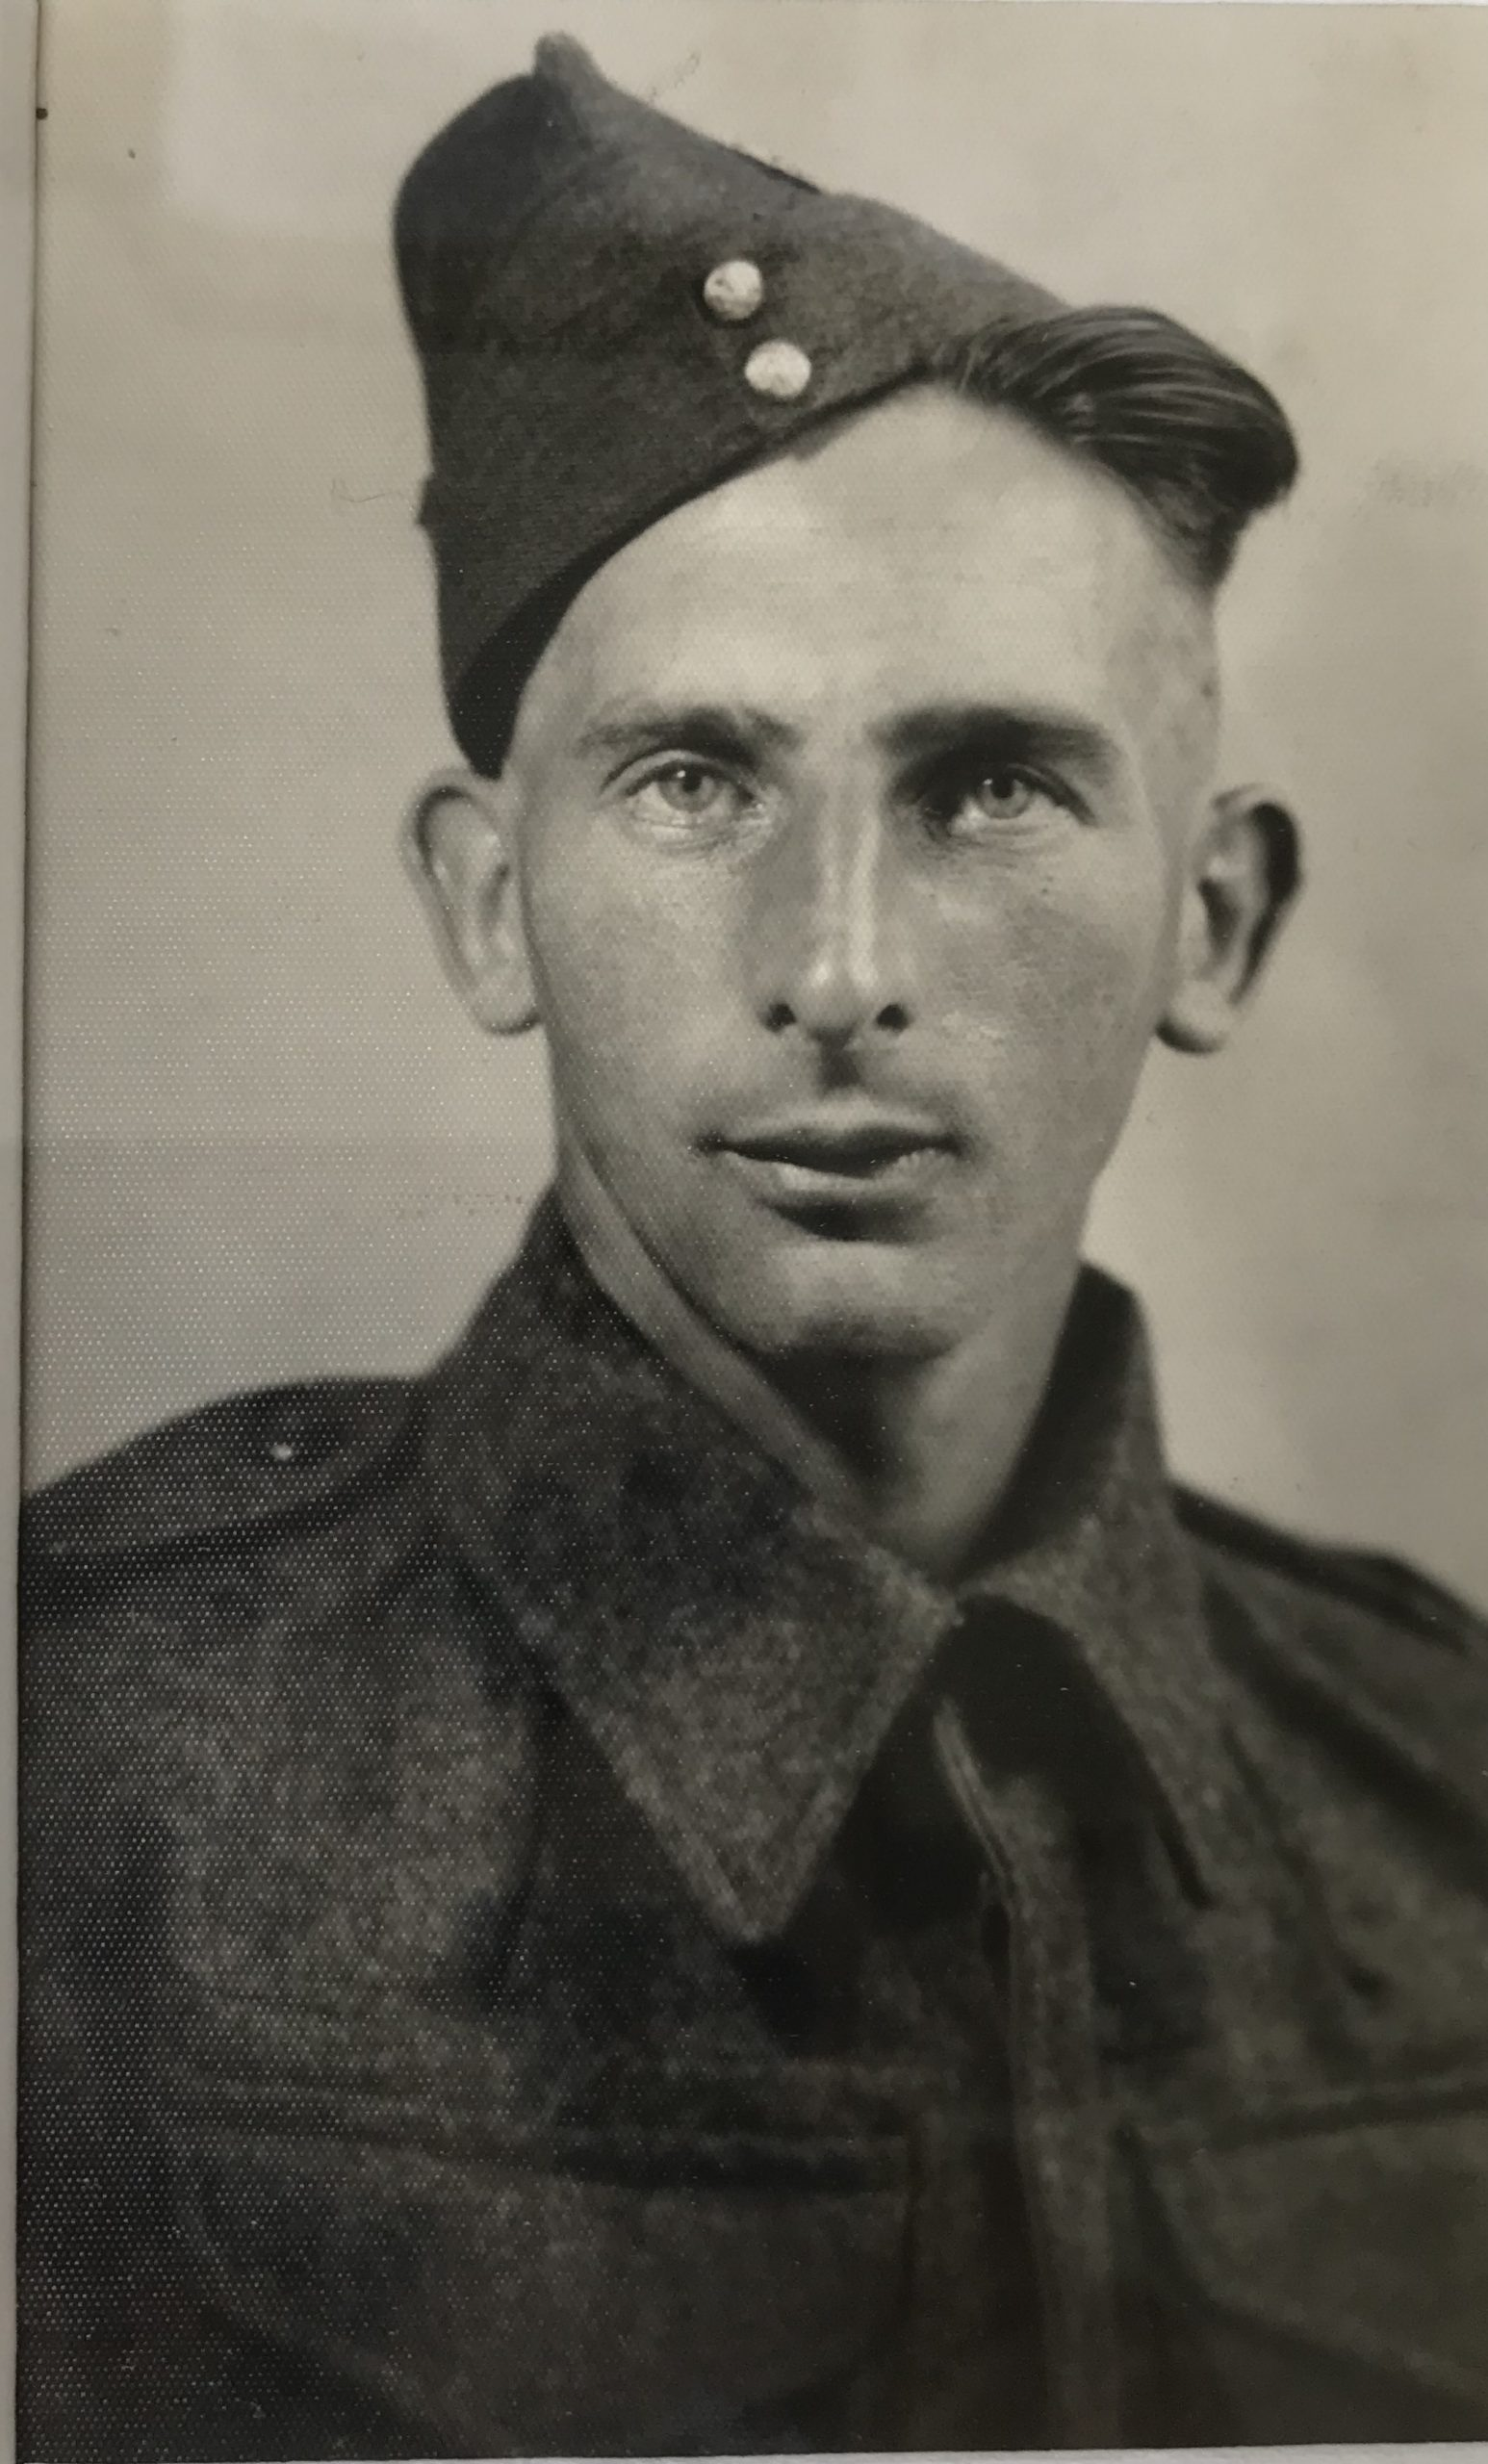 Horace Hill in WW2